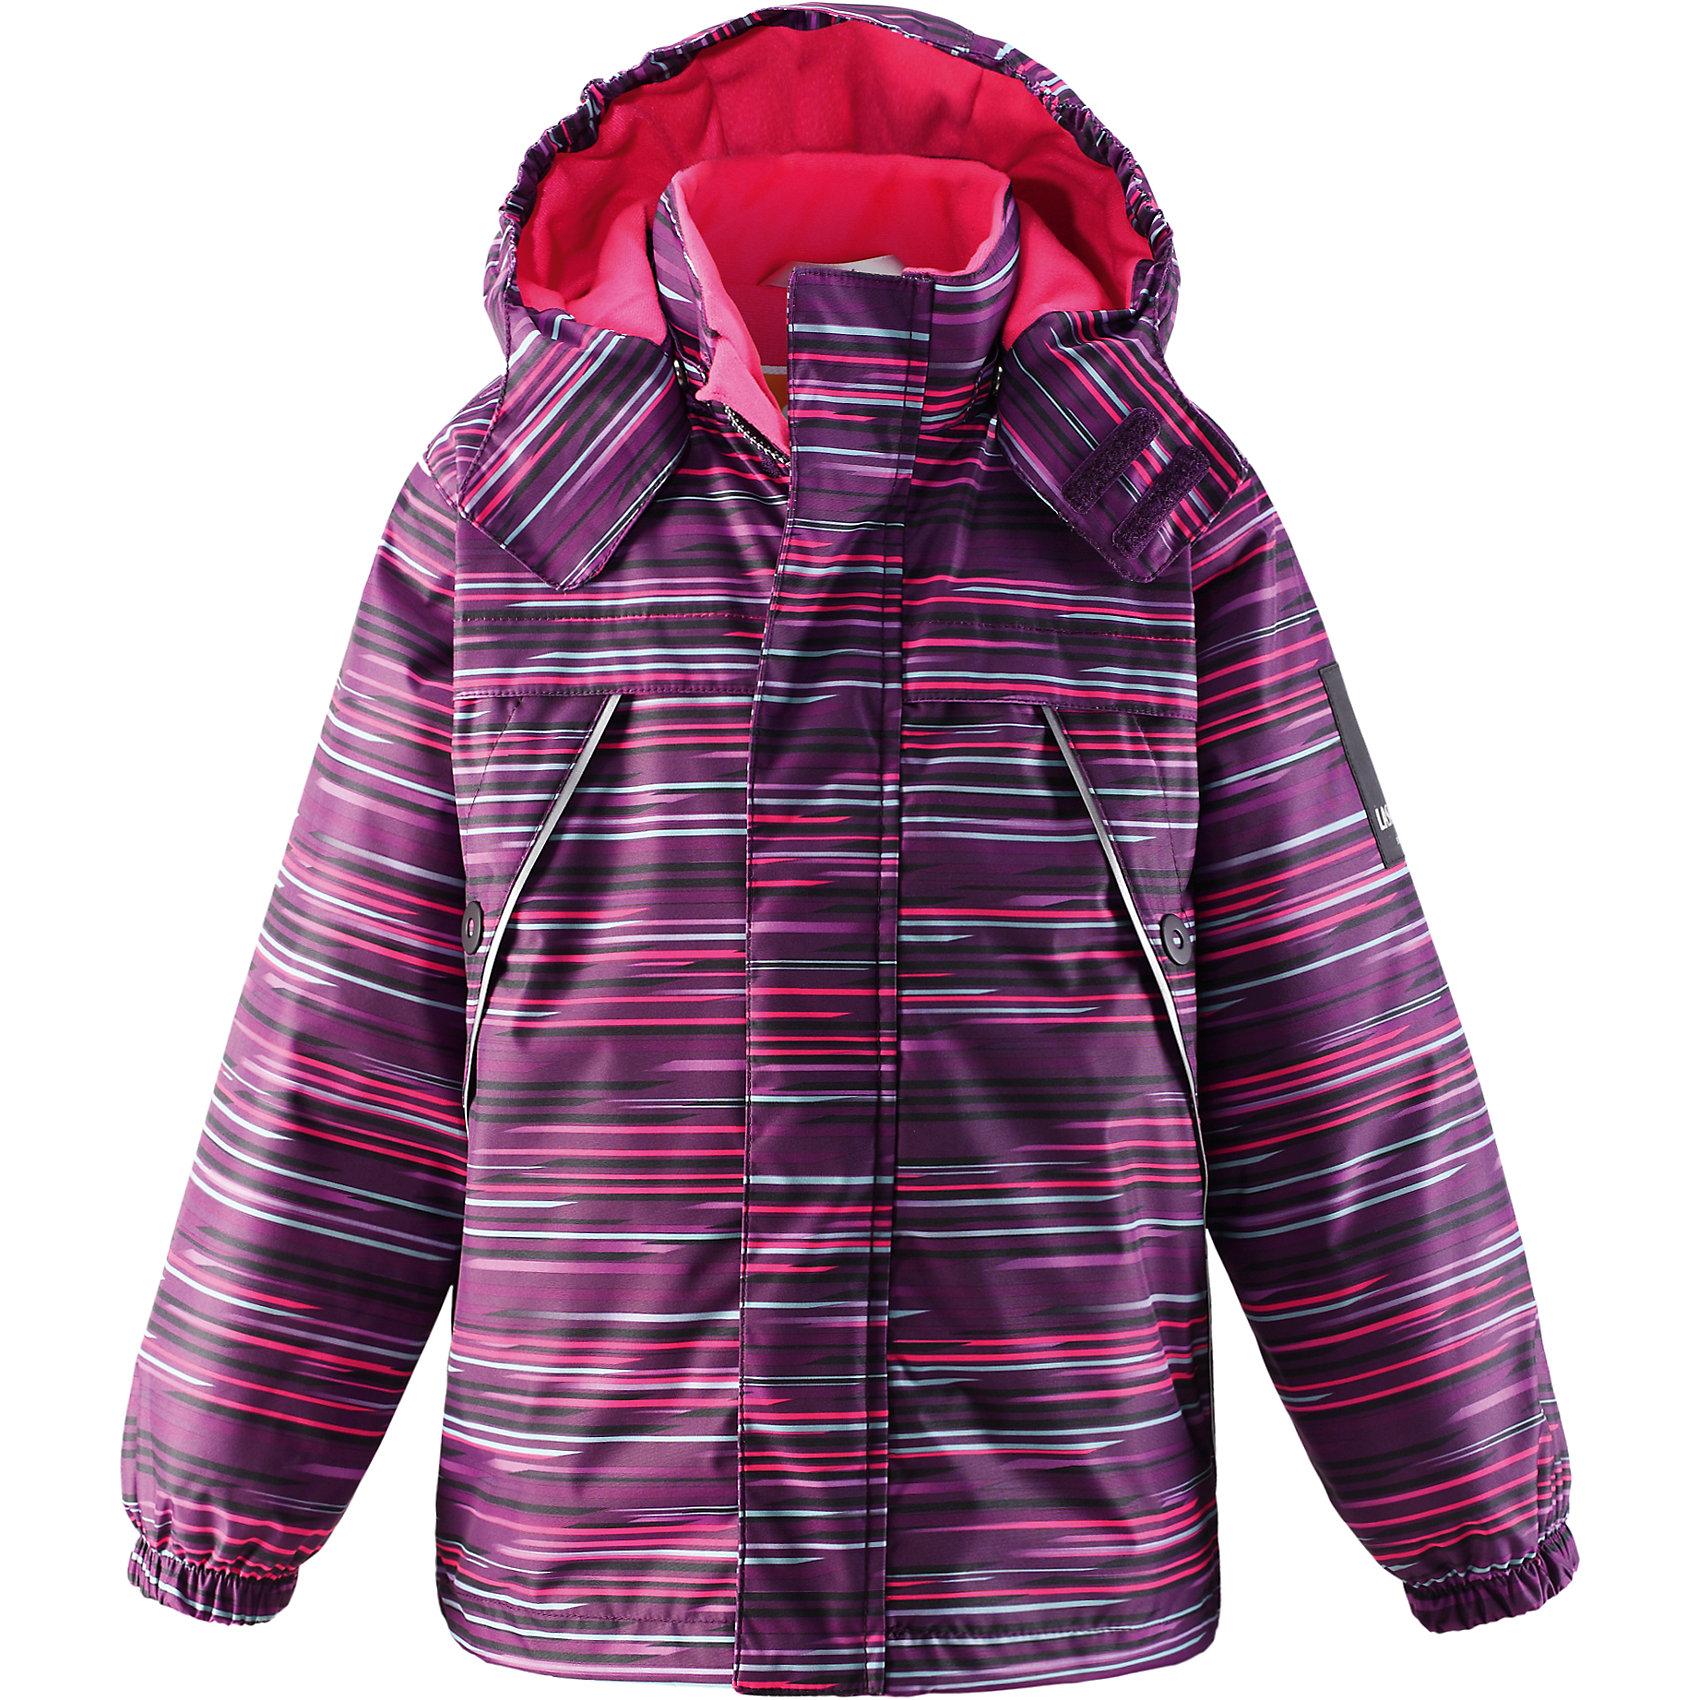 Куртка для девочки LASSIEОдежда<br>Зимняя куртка для детей Lassietec®. <br><br>- Водо- и ветронепроницаемый, «дышащий» и грязеотталкивающий материал.<br>- Внешние швы проклеены.<br>- Гладкая подкладка из полиэстра.<br>- Средняя степень утепления.<br>-  Безопасный, съемный капюшон.<br>- Эластичные манжеты. <br>- Регулируемый подол.<br>- Передние карманы. <br><br> Рекомендации по уходу: Стирать по отдельности, вывернув наизнанку. Застегнуть молнии и липучки. Соблюдать температуру в соответствии с руководством по уходу. Стирать моющим средством, не содержащим отбеливающие вещества. Полоскать без специального средства. Сушение в сушильном шкафу разрешено при  низкой температуре.<br><br>Состав: 100% Полиамид, полиуретановое покрытие.  Утеплитель «Lassie wadding» 140гр.<br><br>Ширина мм: 356<br>Глубина мм: 10<br>Высота мм: 245<br>Вес г: 519<br>Цвет: фиолетовый<br>Возраст от месяцев: 108<br>Возраст до месяцев: 120<br>Пол: Женский<br>Возраст: Детский<br>Размер: 116,140,92,98,104,110,122,128,134<br>SKU: 4782238